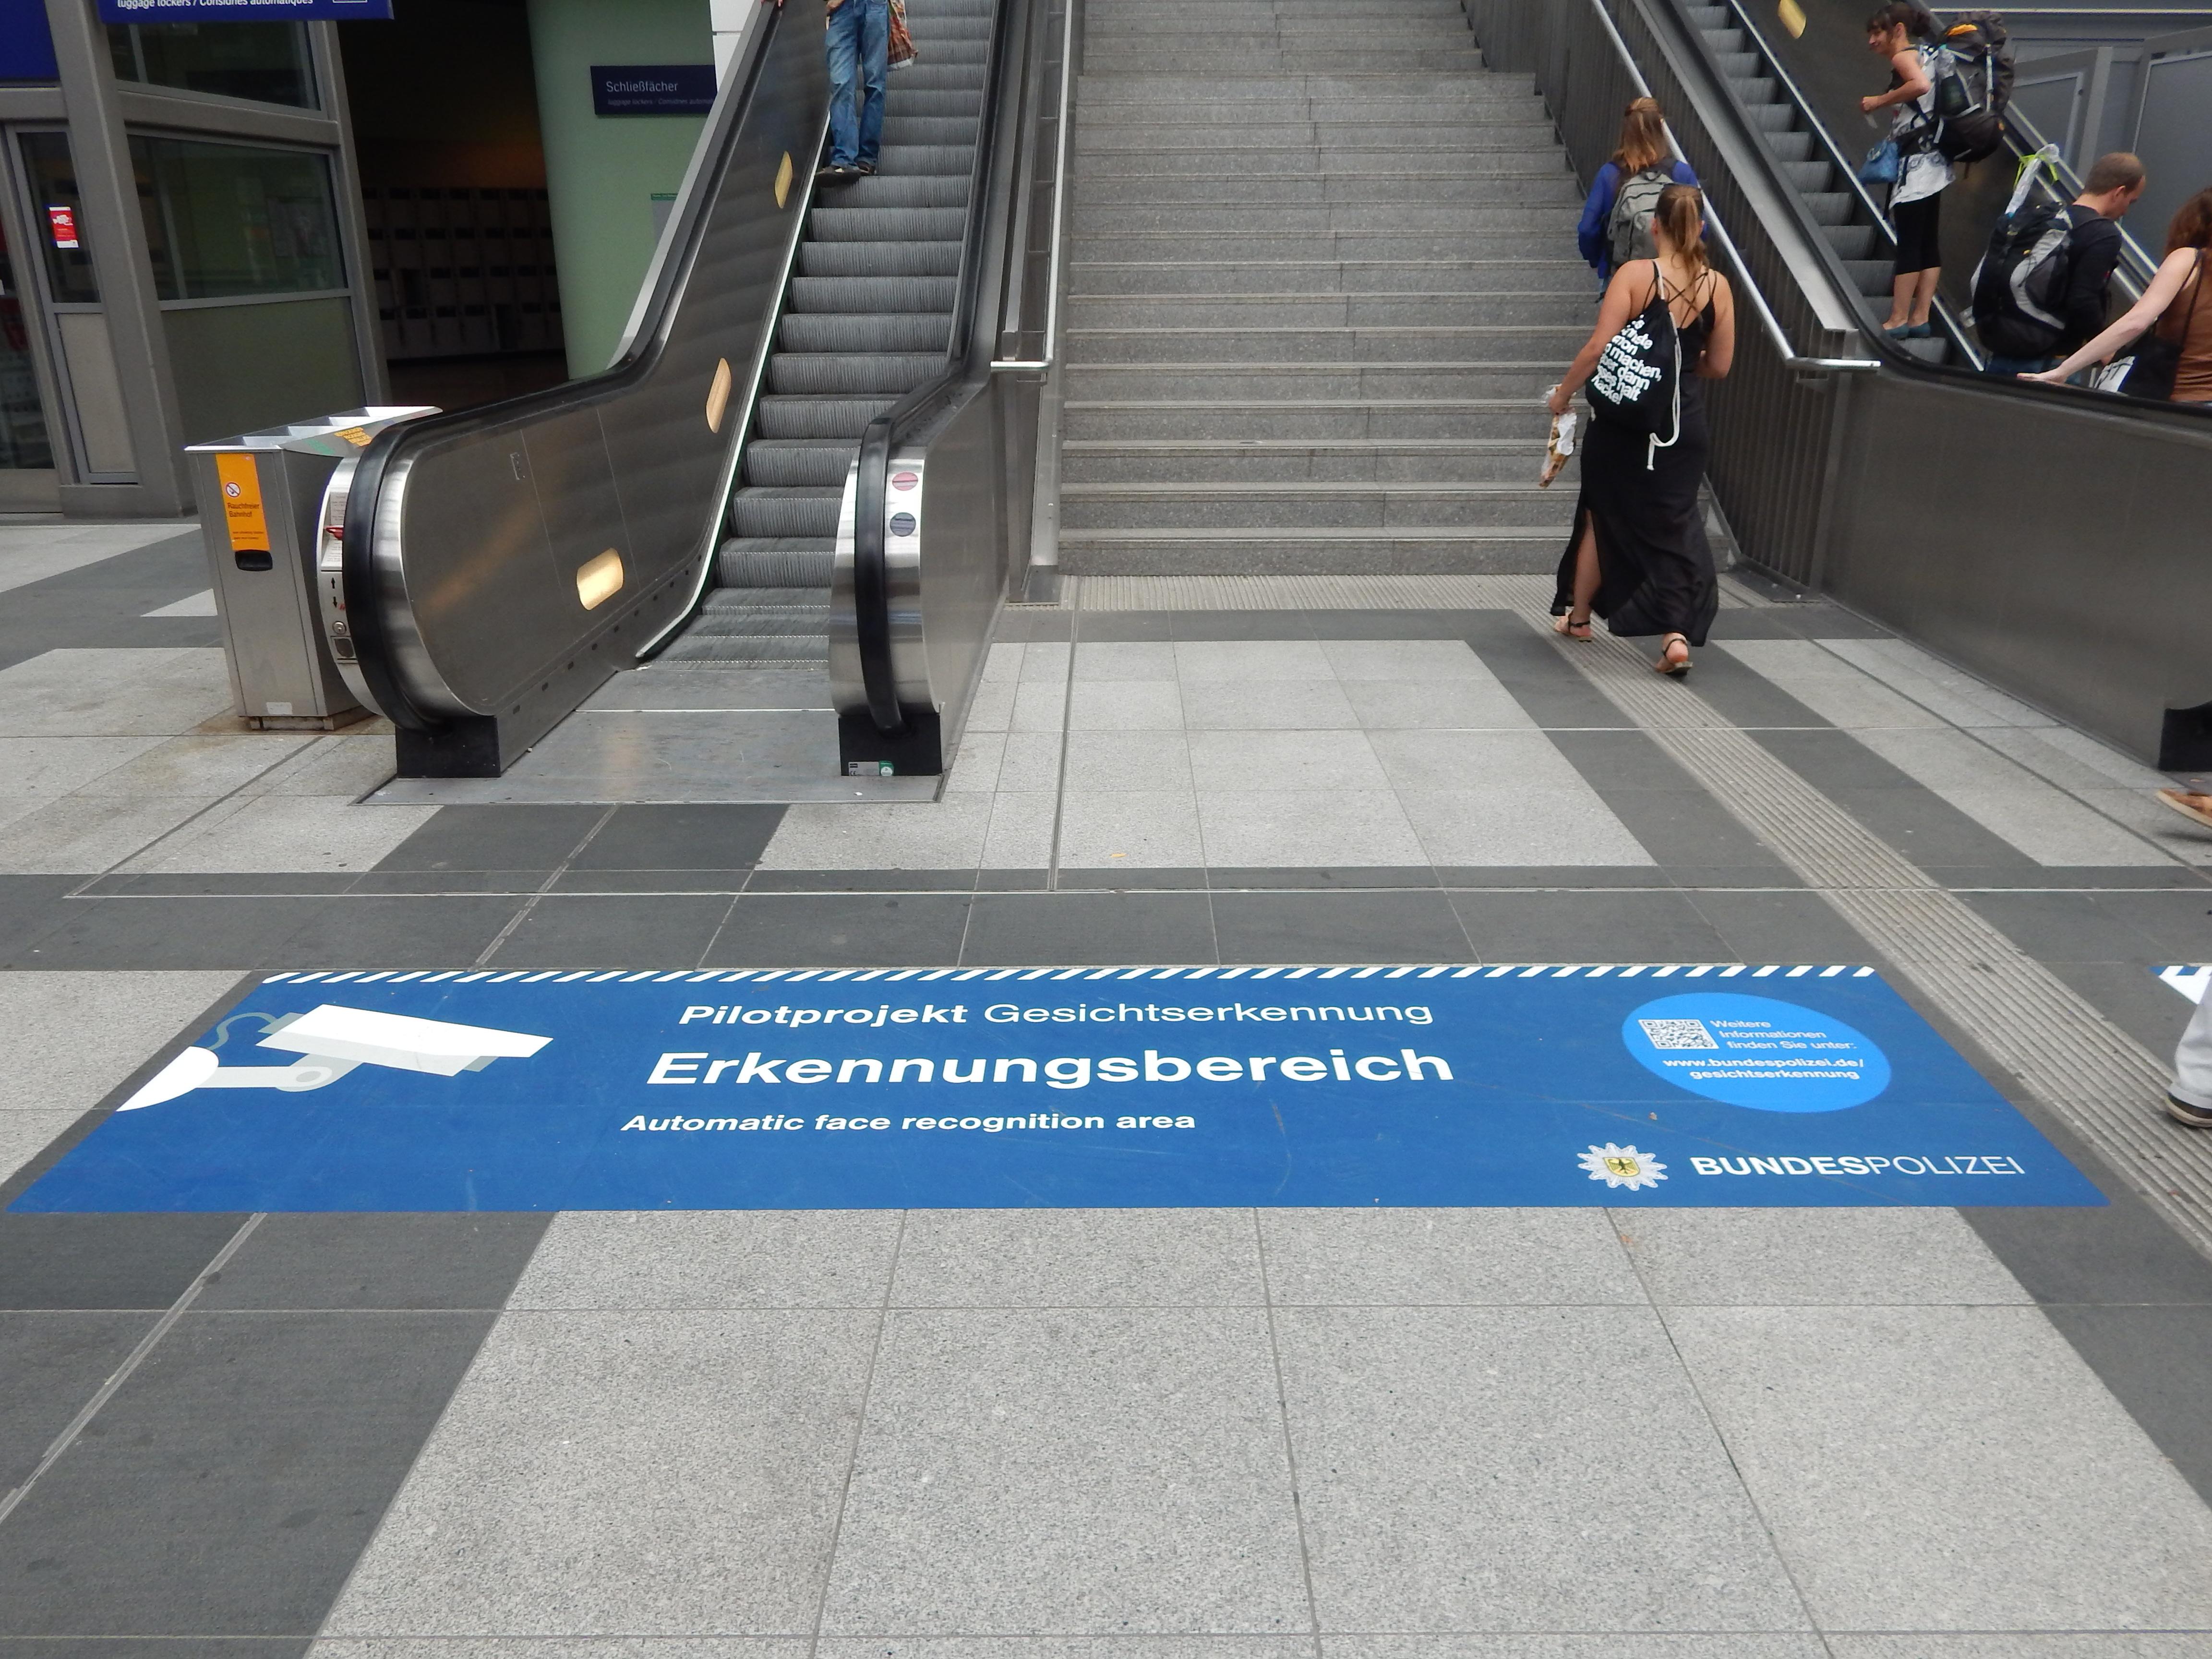 Gesichtserkennung auf Flughafen wird getestet – noe.ORF.at